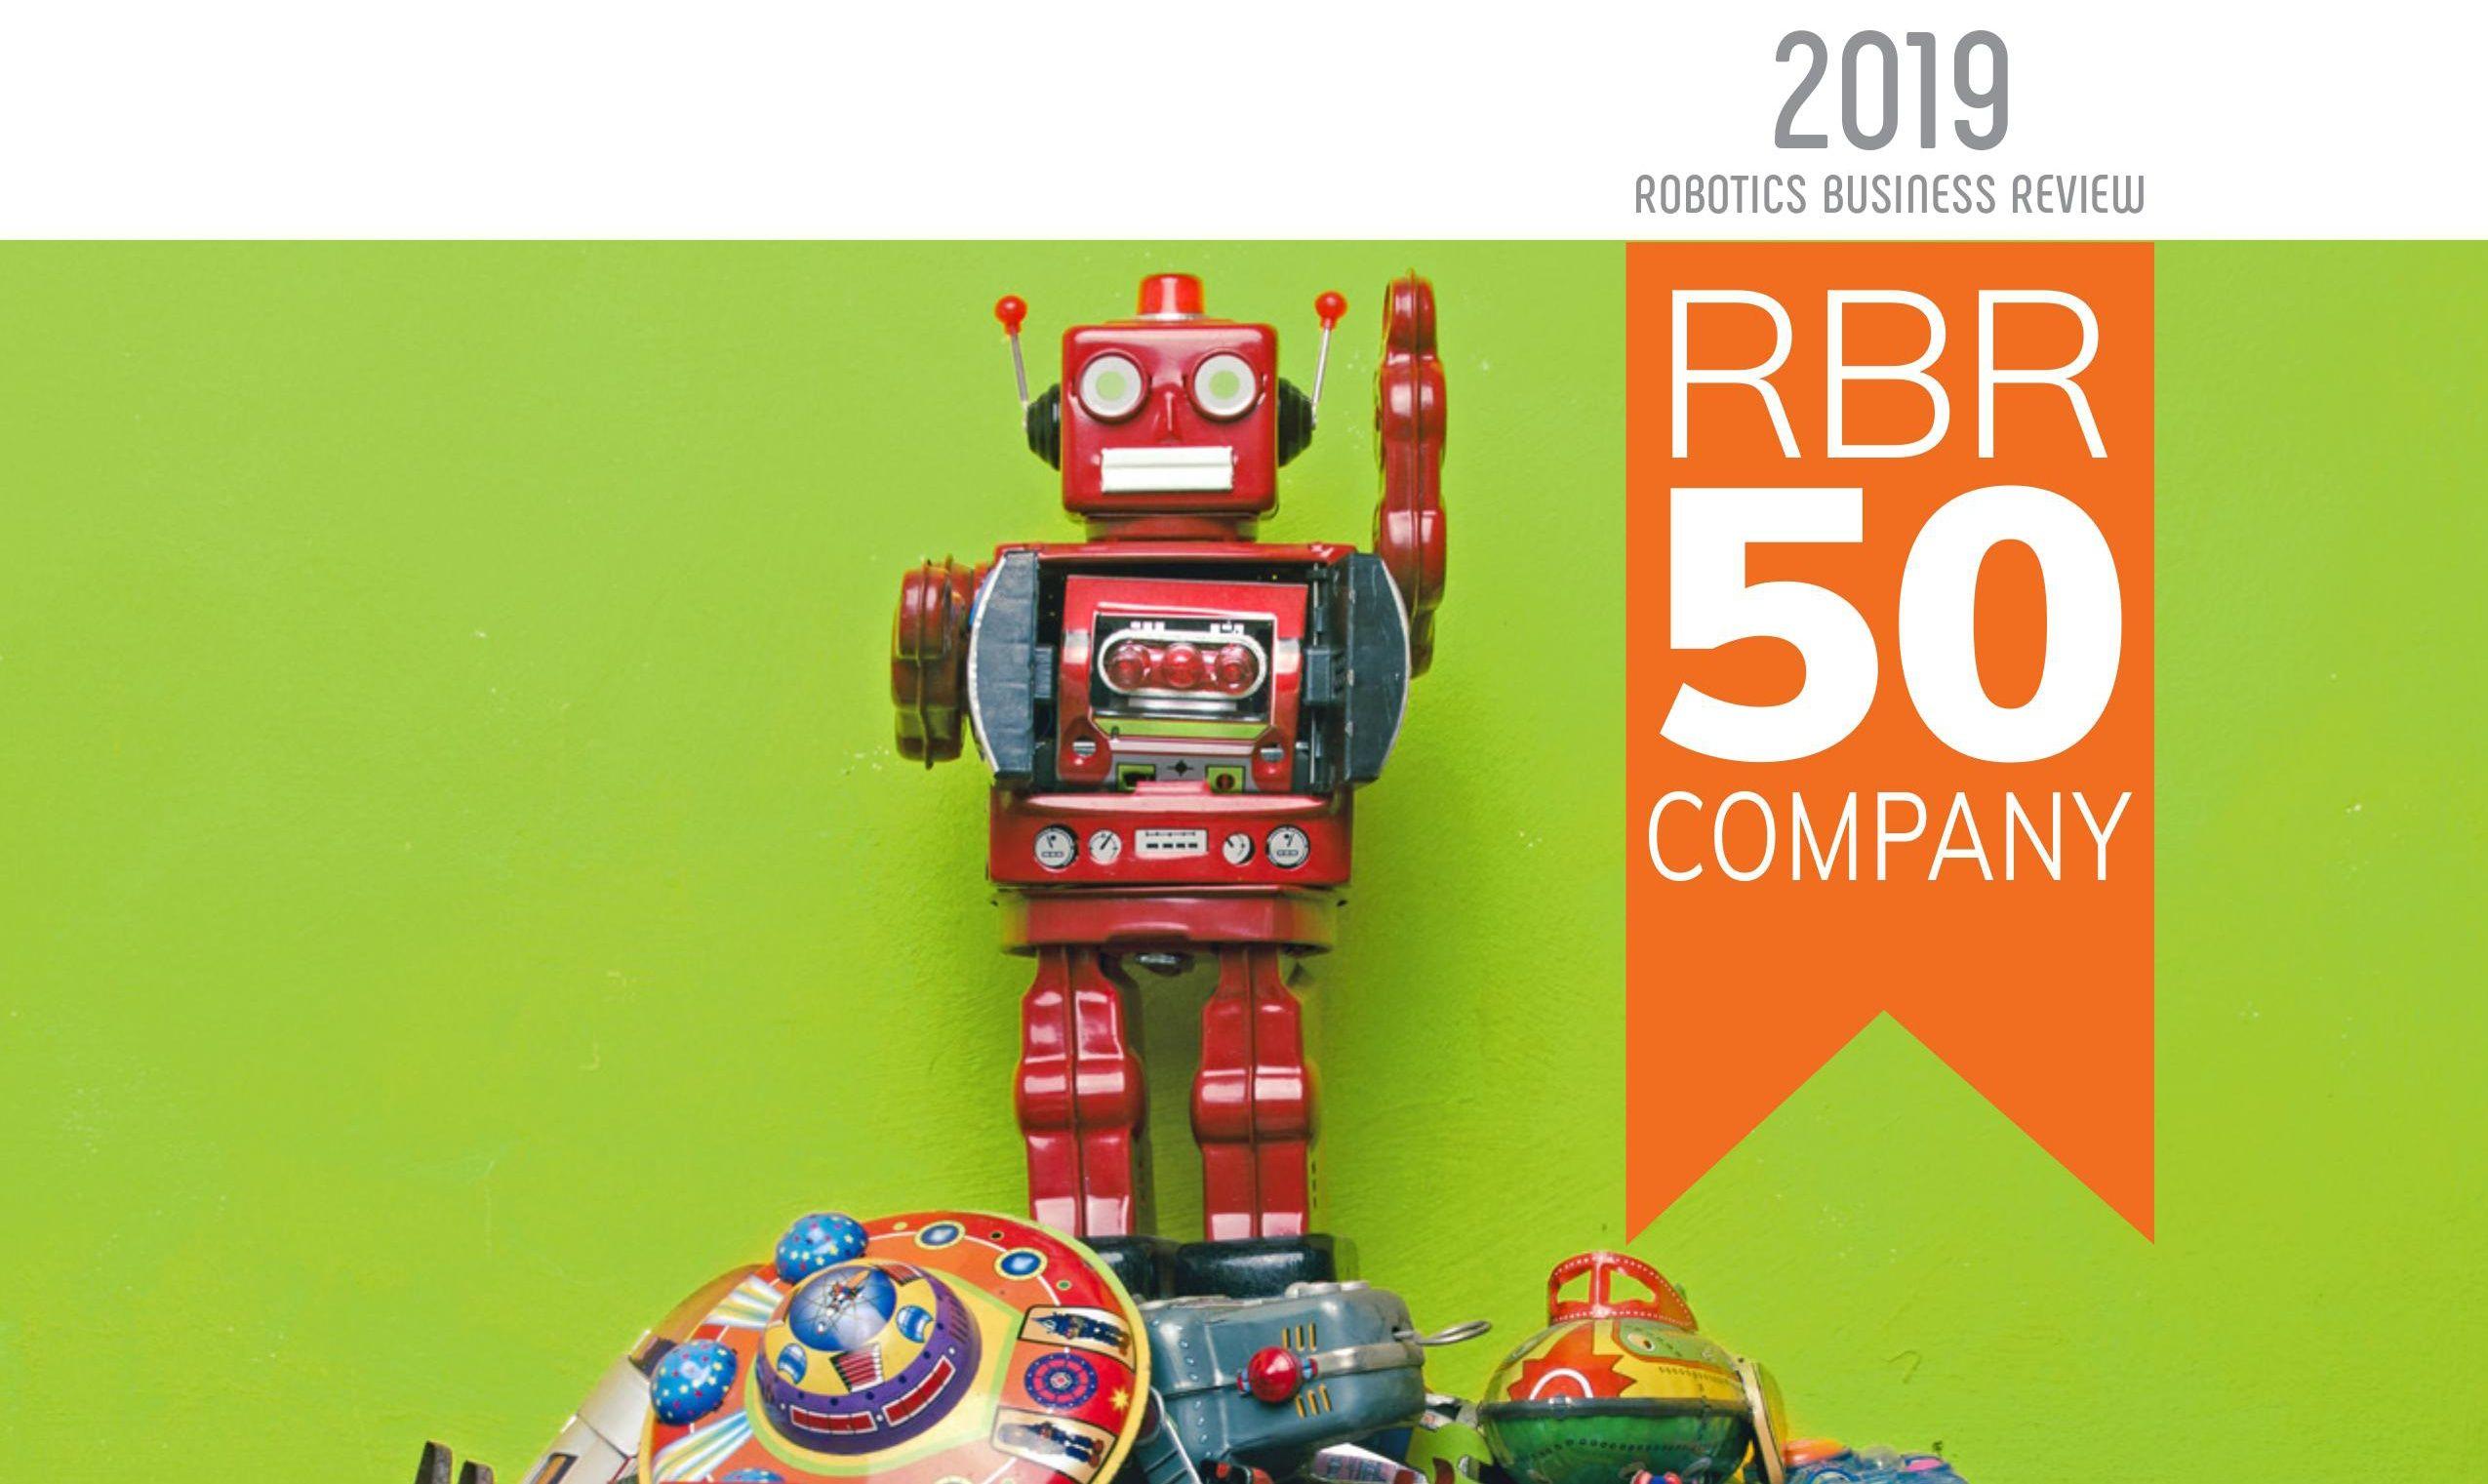 《机器人商业评论》2019年全球TOP50机器人公司完整报告(内附下载)